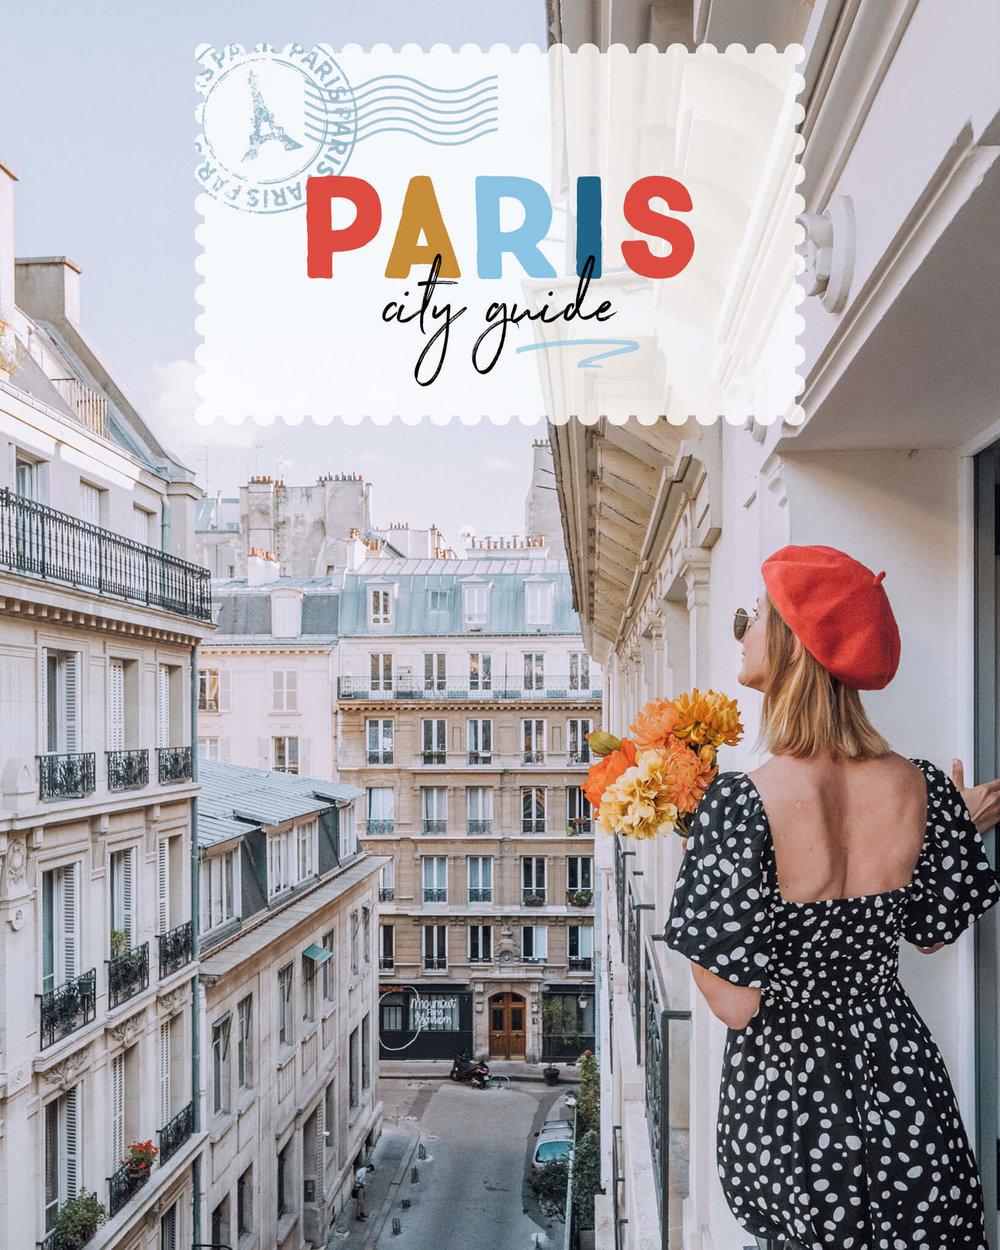 ParisCityGuide-4.jpg